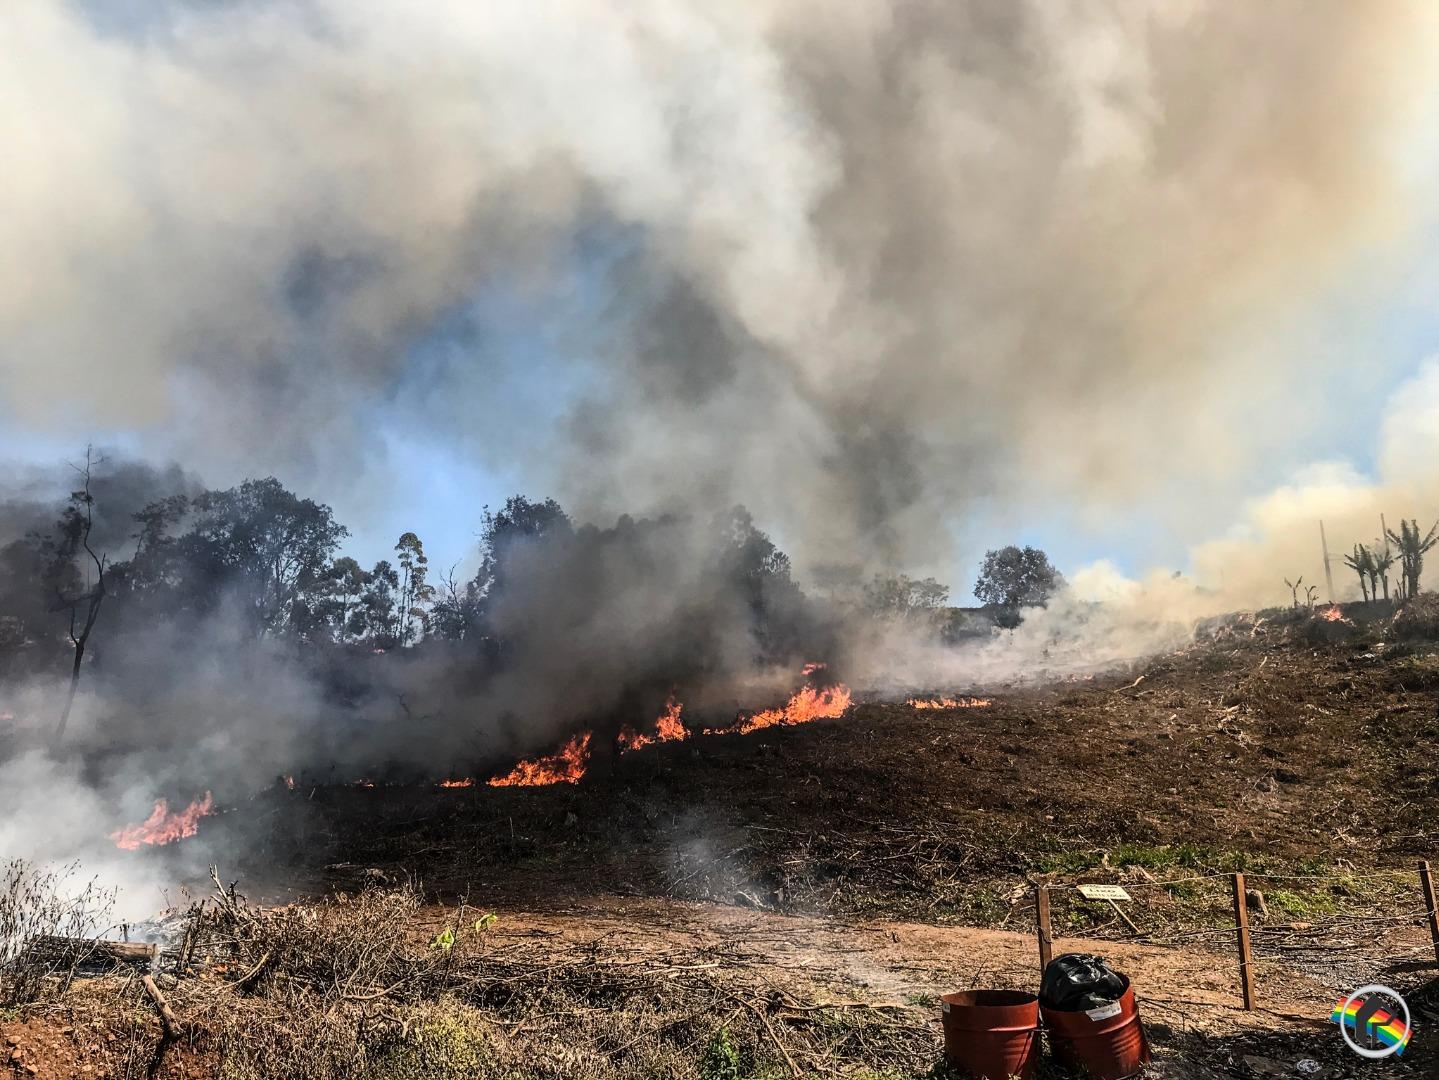 VÍDEO: Incêndio de grandes proporções atinge vegetação no bairro Andreatta